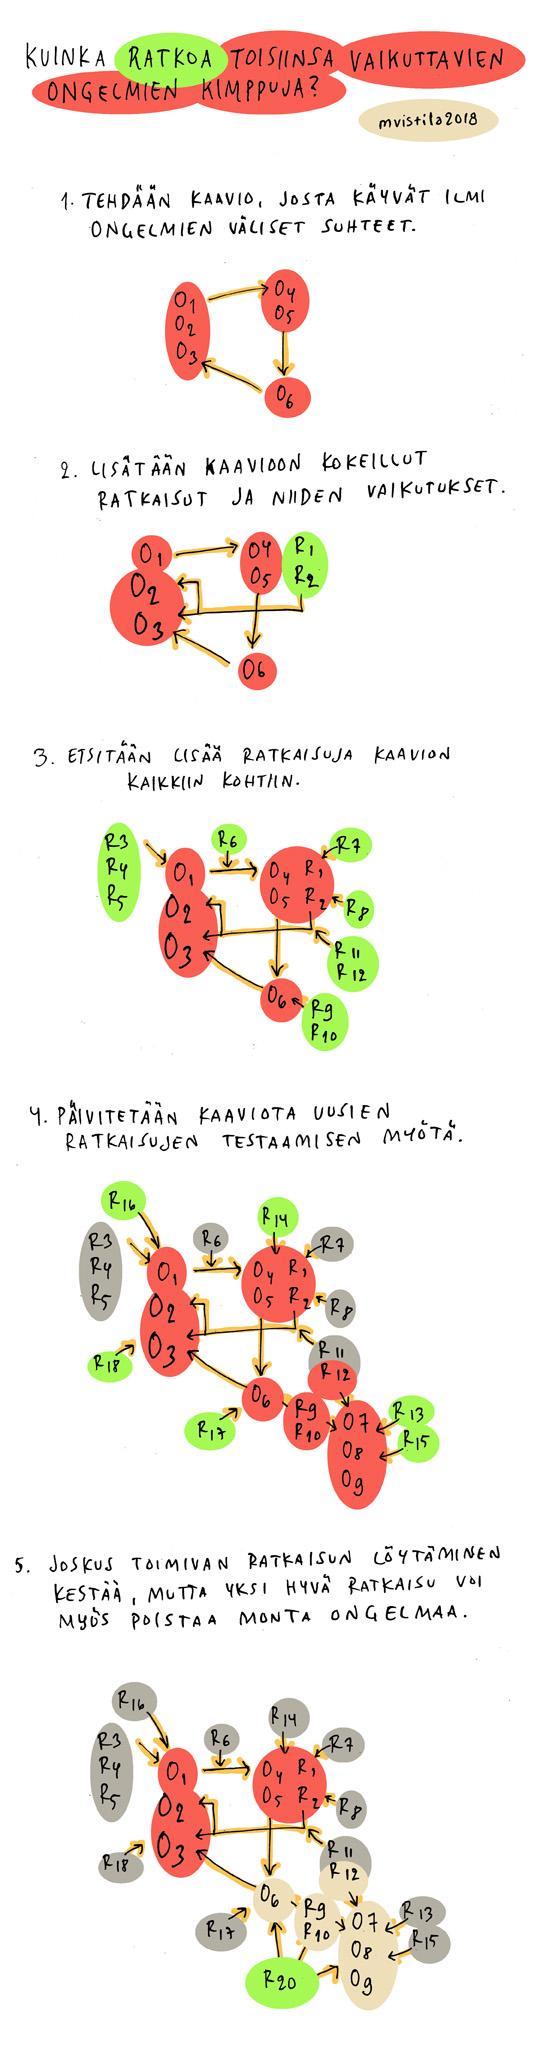 ongelmanratkaisu_pitka72